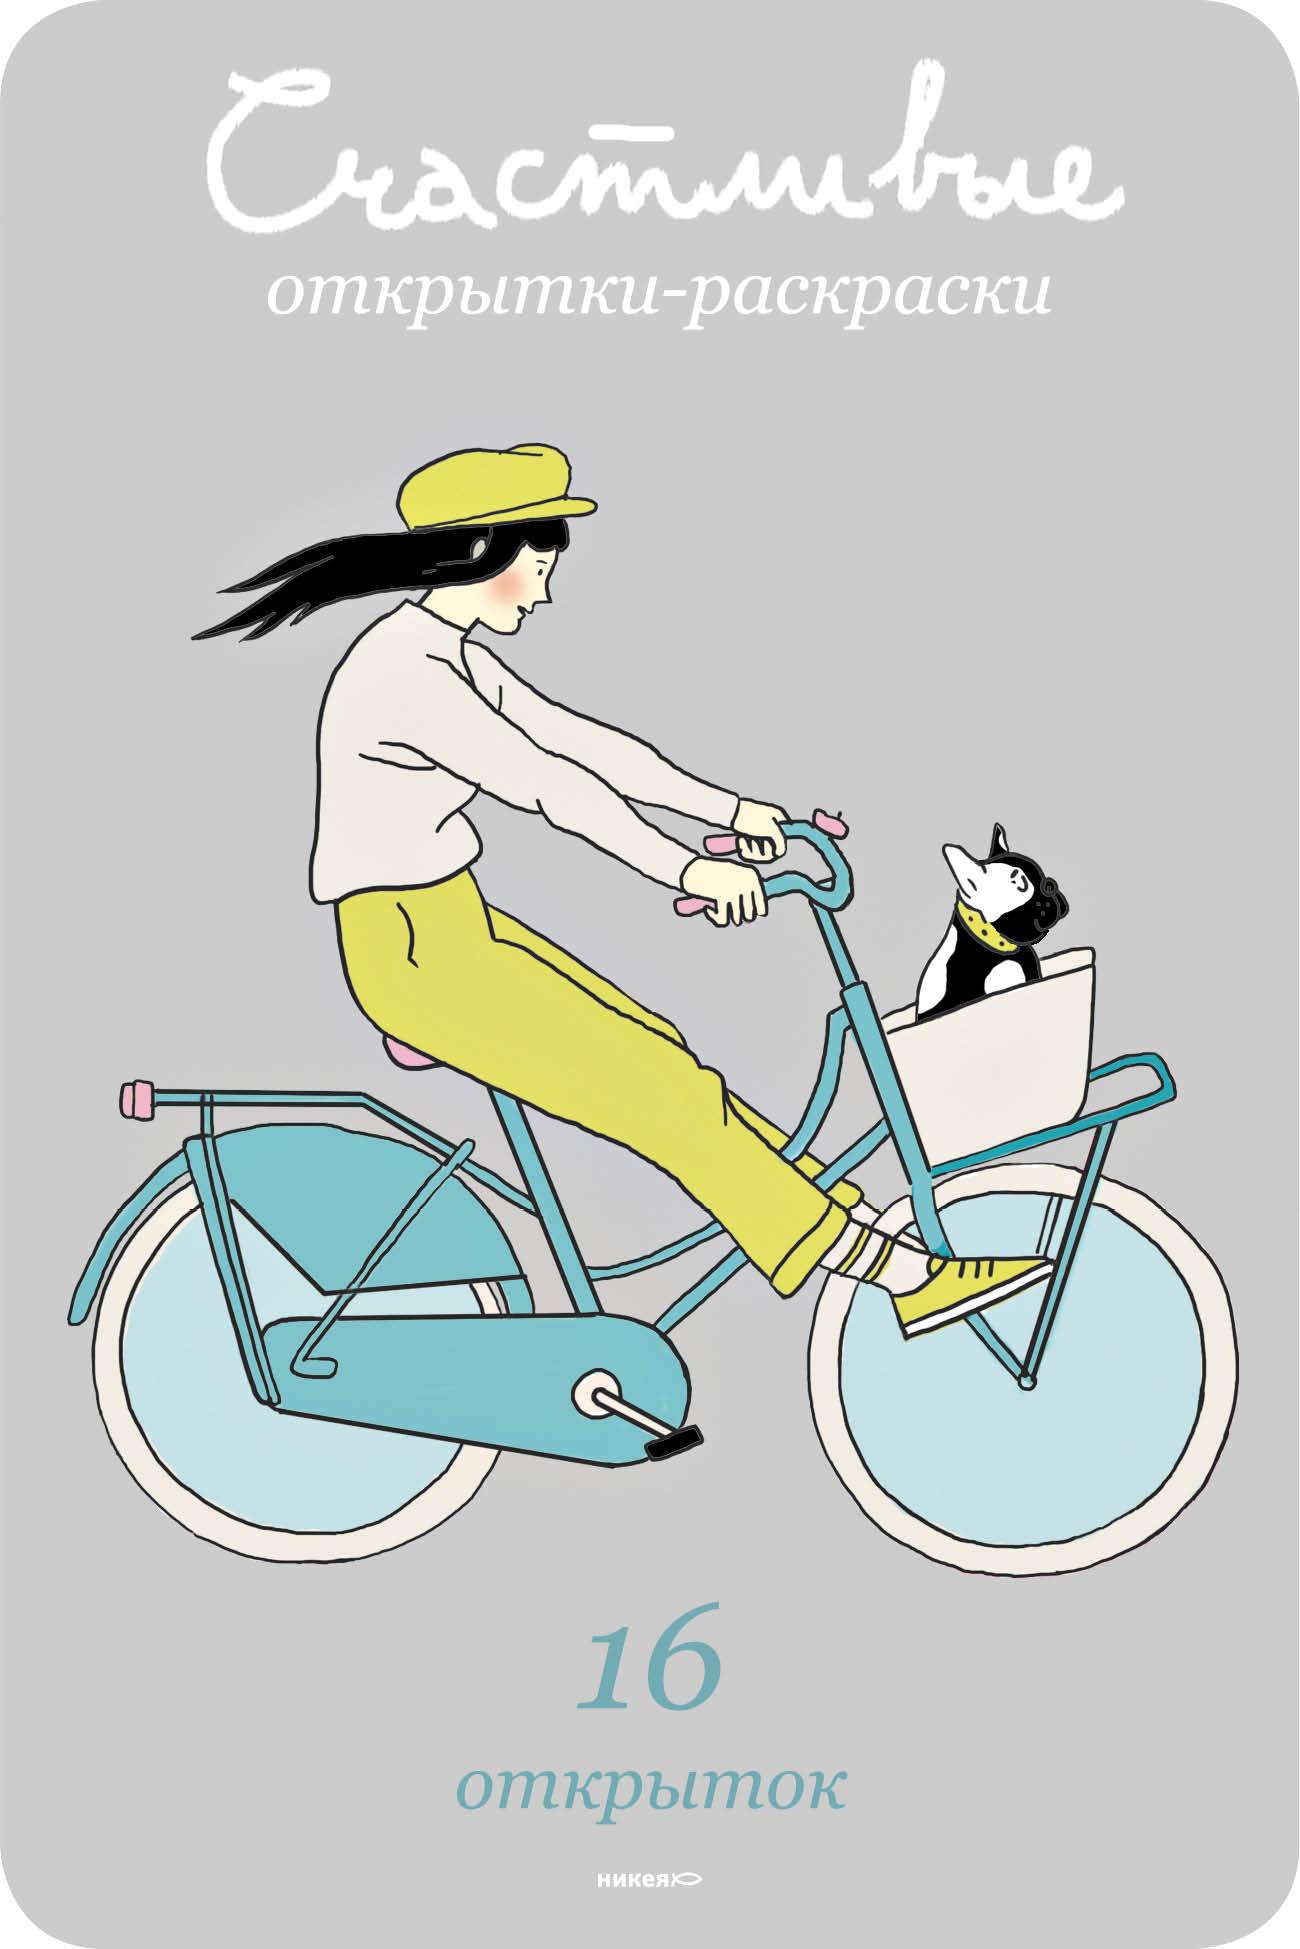 Анна Хилько Счастливые открытки-раскраски акустика на скутер по почте наложенным платежом